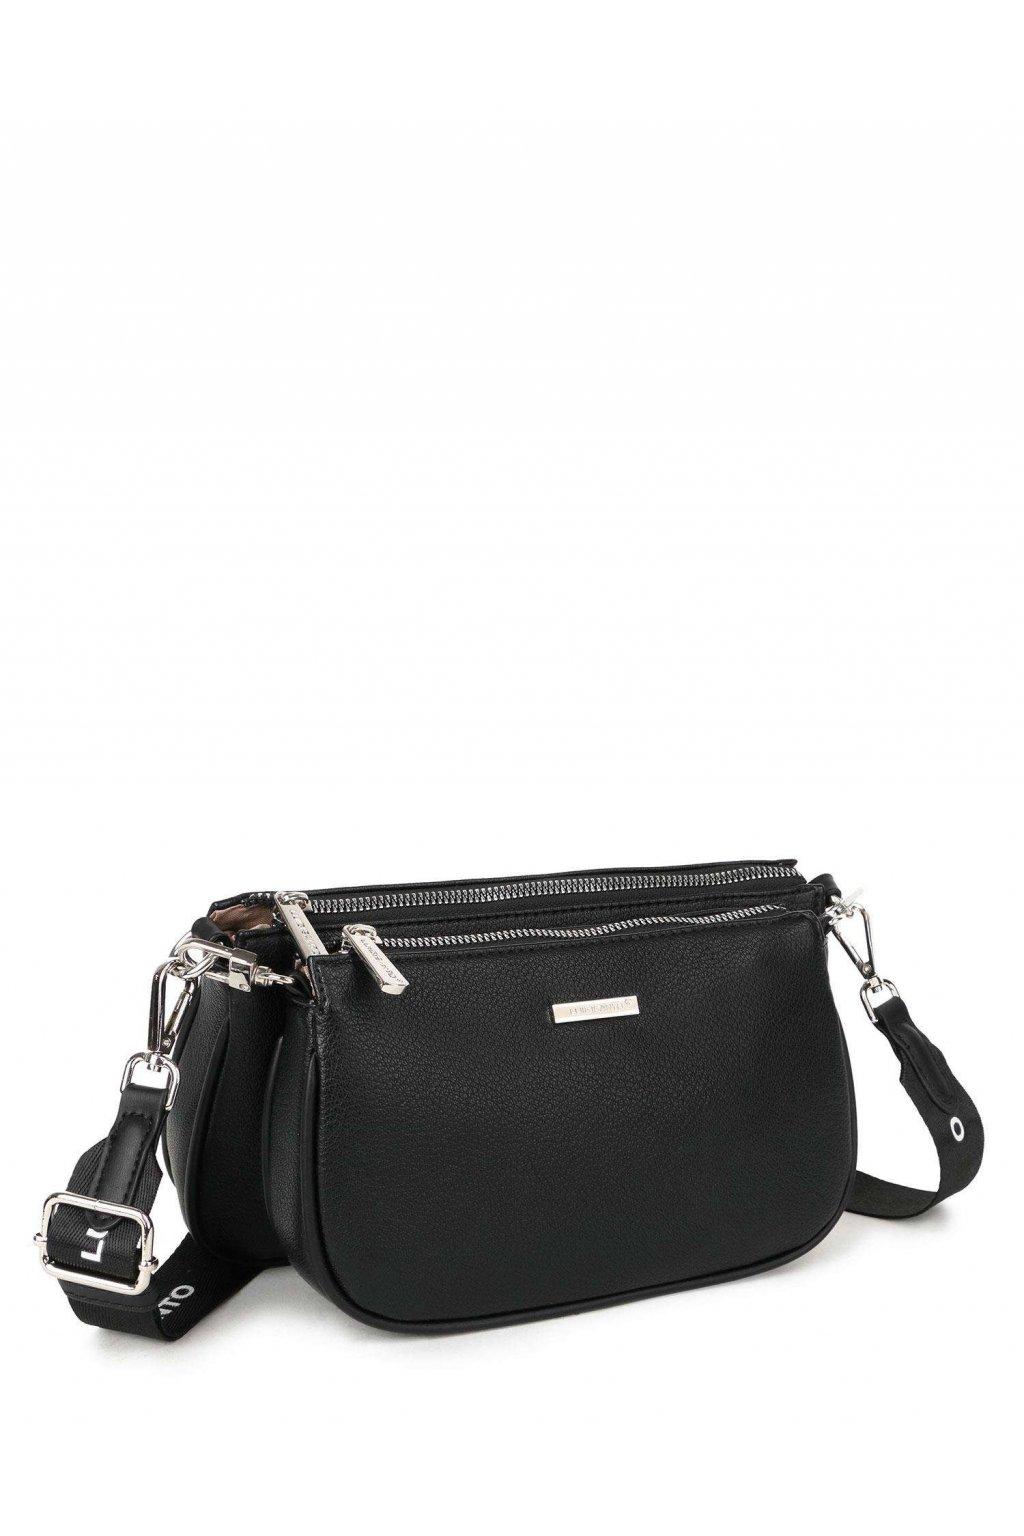 Crossbody kabelka čierna kód OW-TR-6023